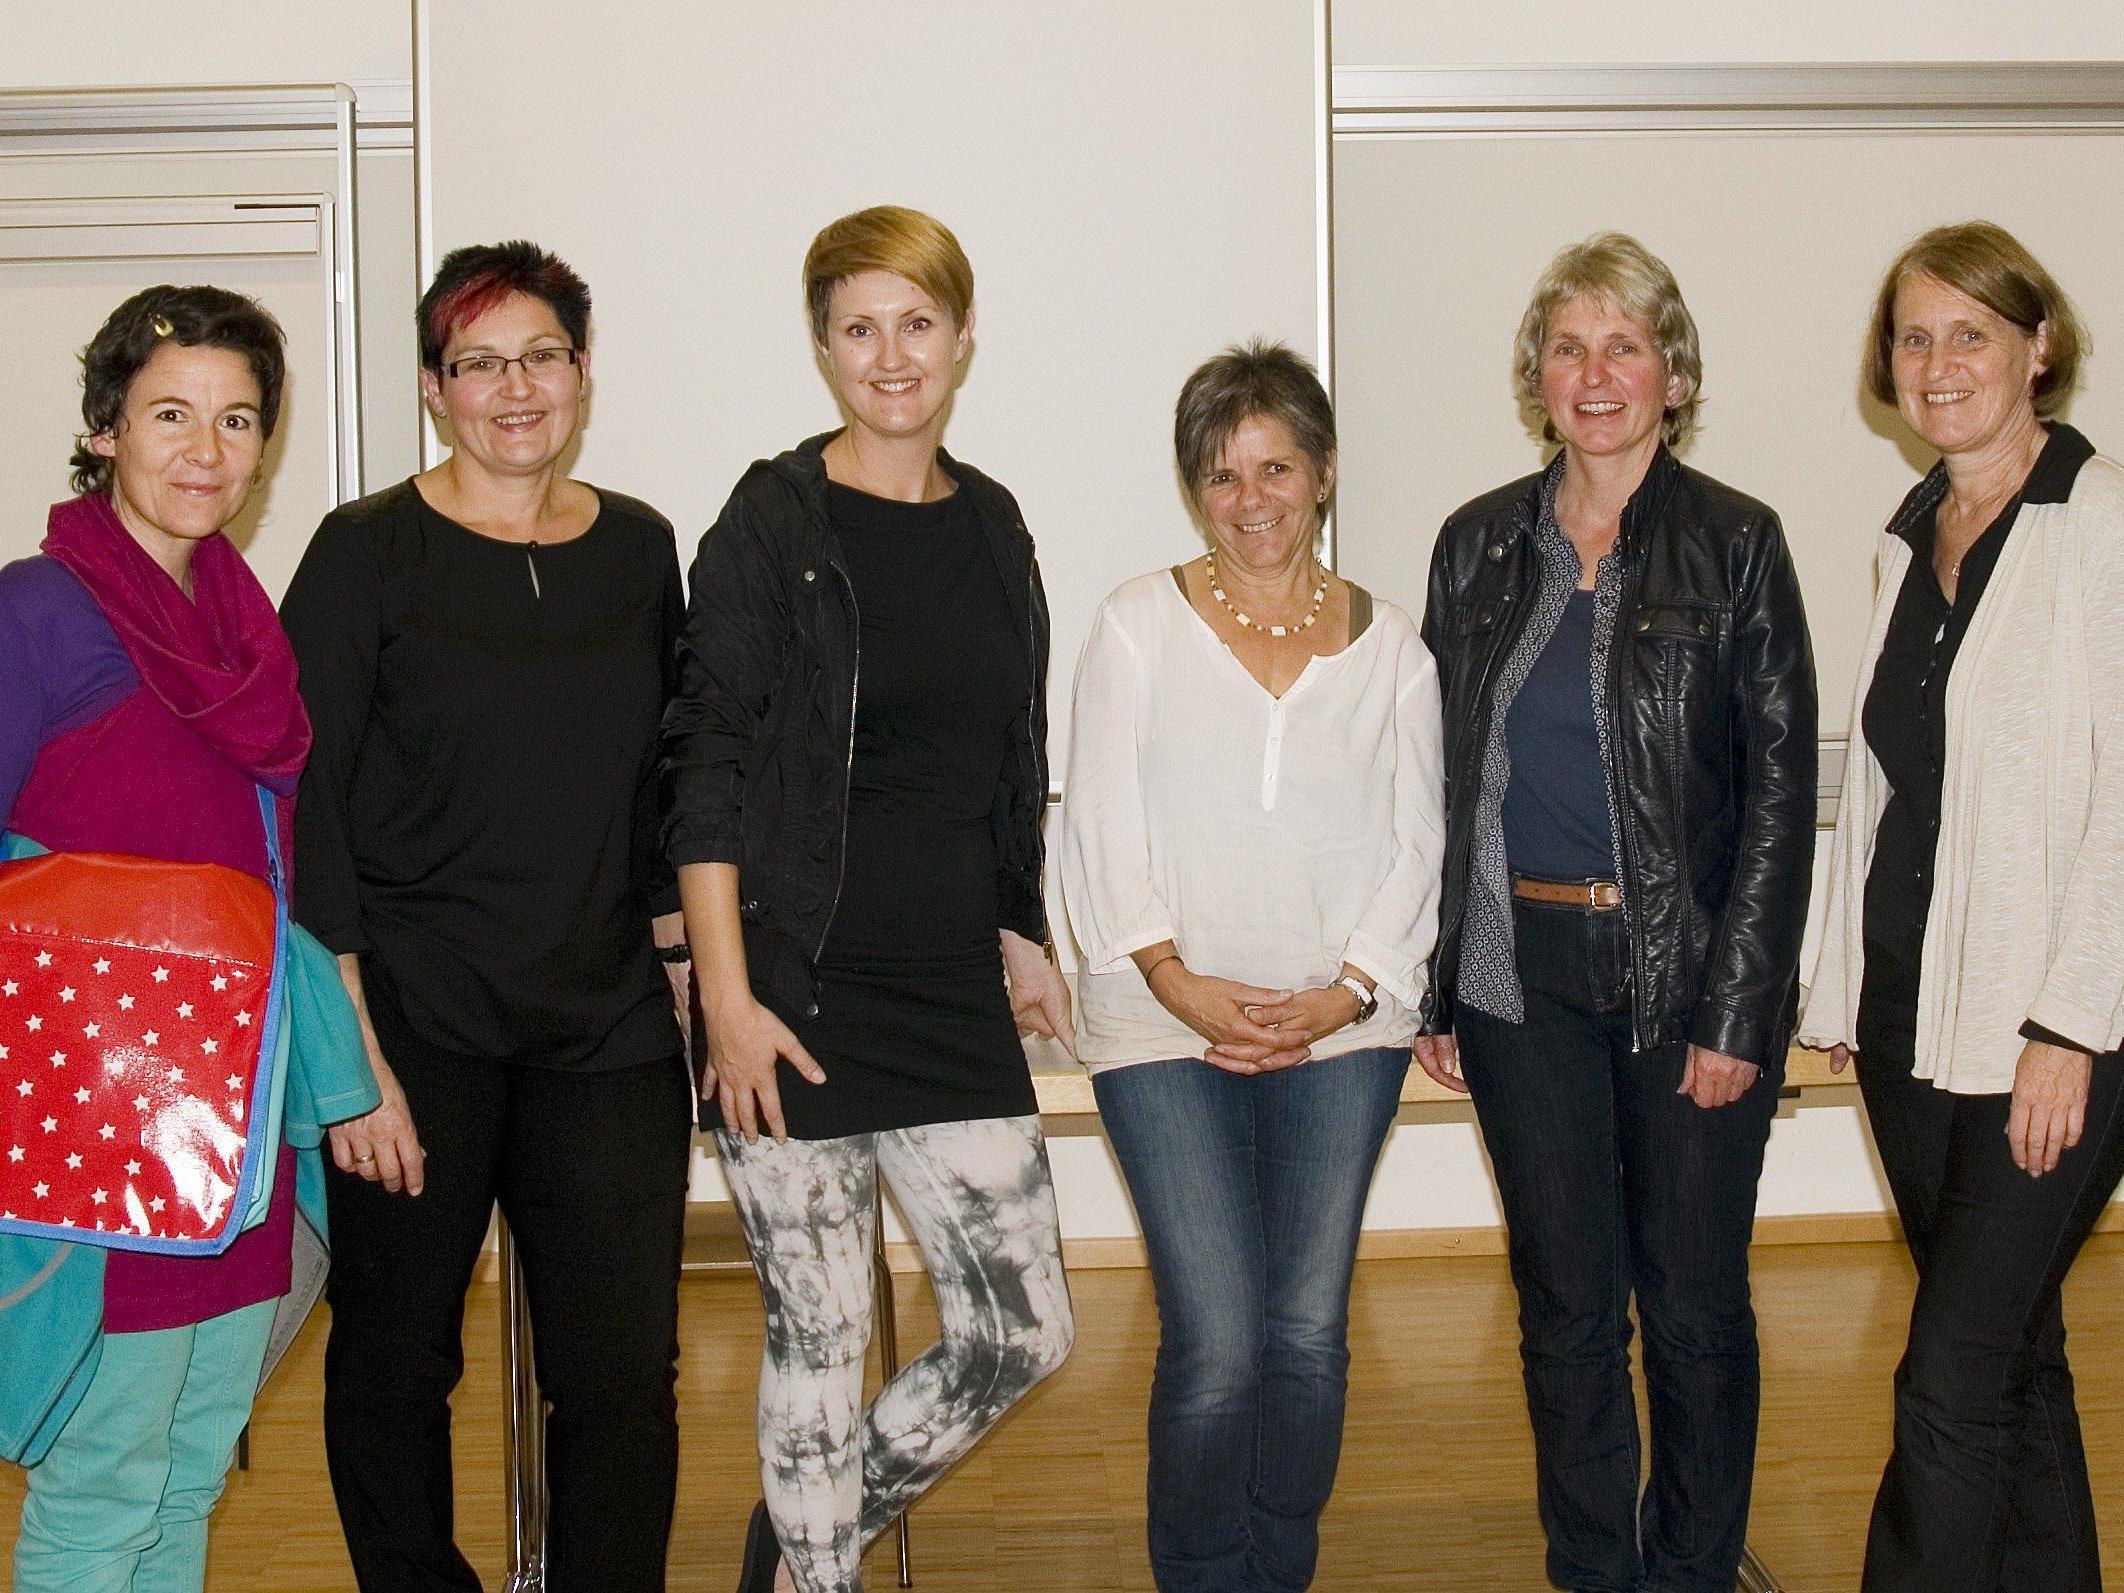 Einige  Frauensprecherinnen des Bregenzerwaldes mit der ortragenden Cornelia Müller